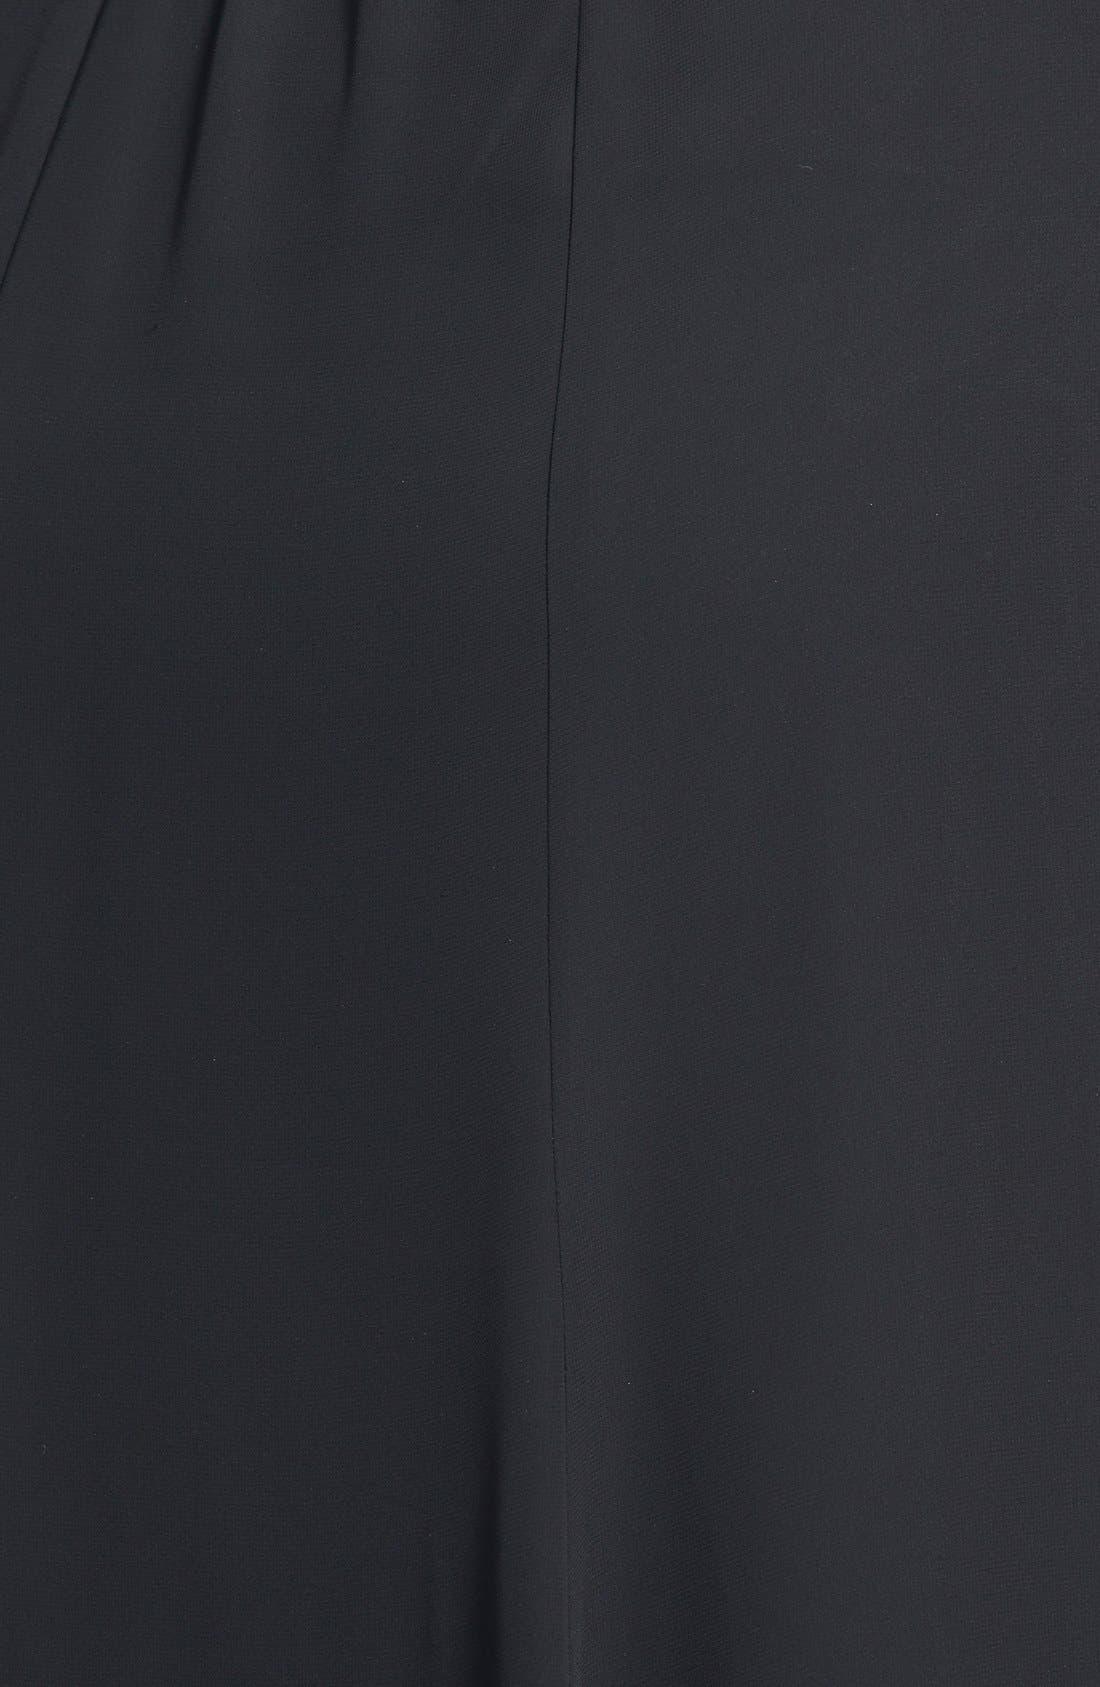 Chiffon Skirt,                             Alternate thumbnail 5, color,                             BLACK